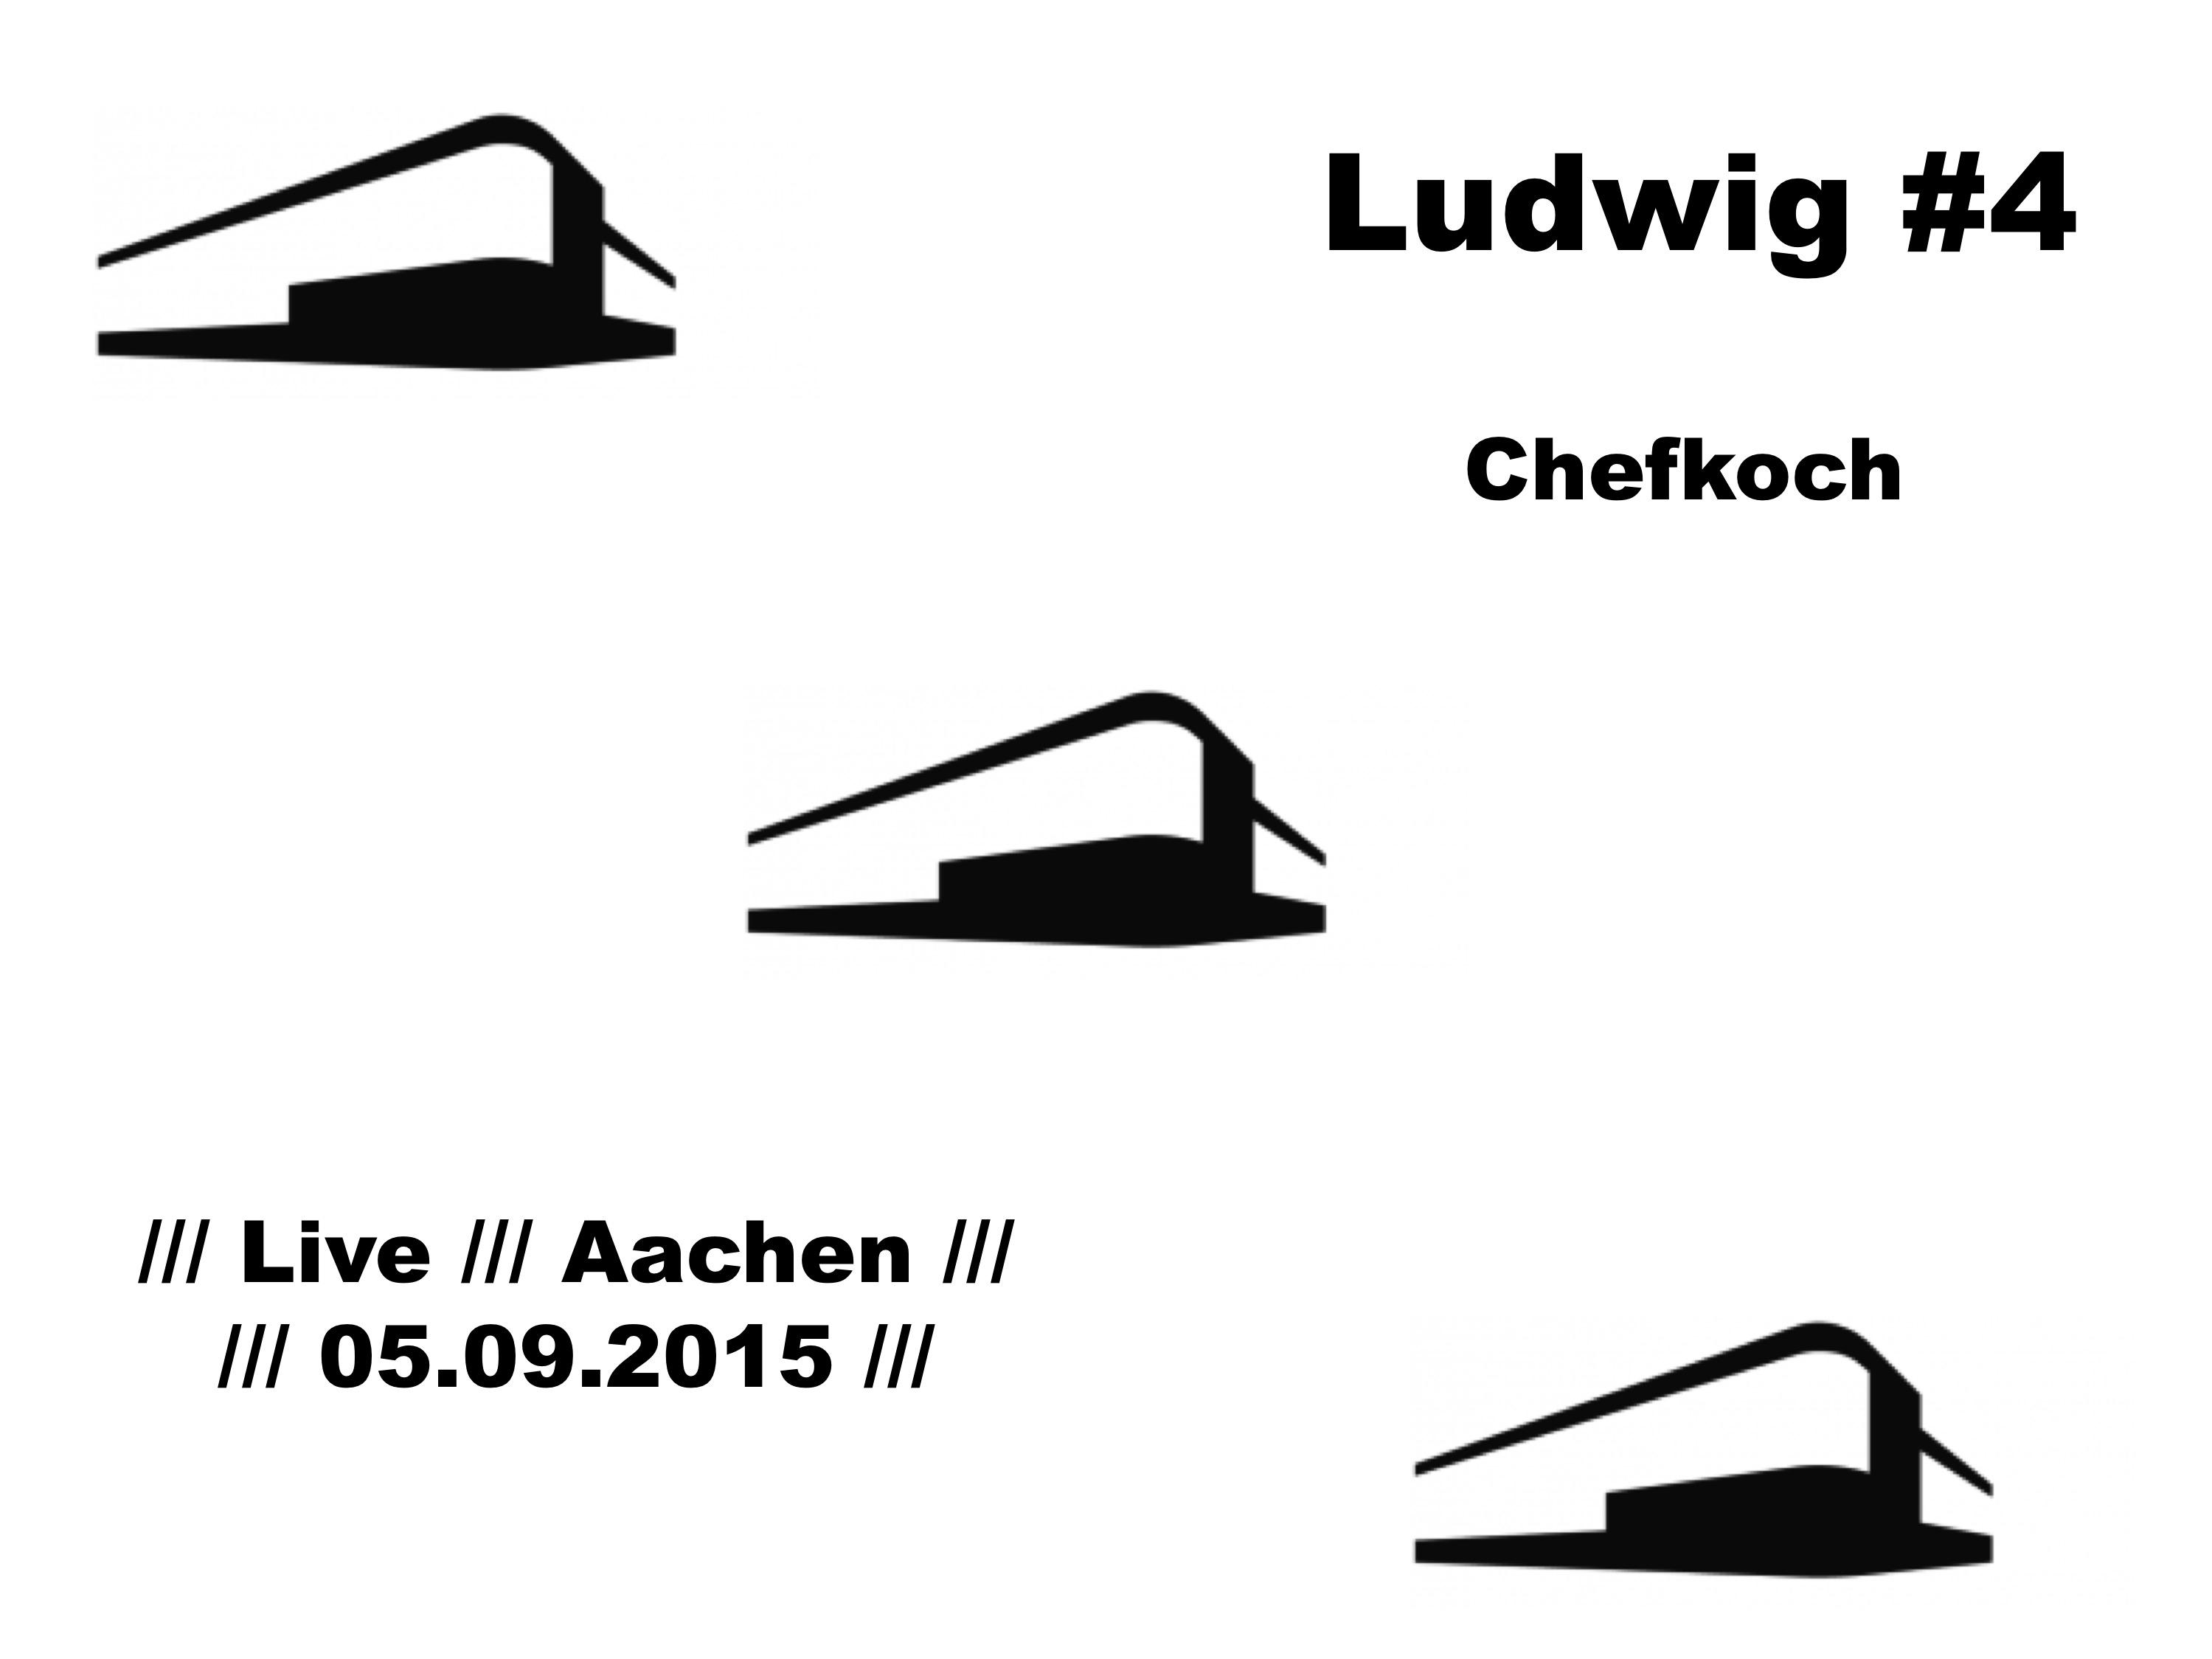 <!--:de-->Ludwig#4 /// Live /// 05.09.2015 – Chefkoch<!--:--><!--:en-->Ludwig#4 /// Live /// 05.09.2015 – Chefkoch<!--:-->